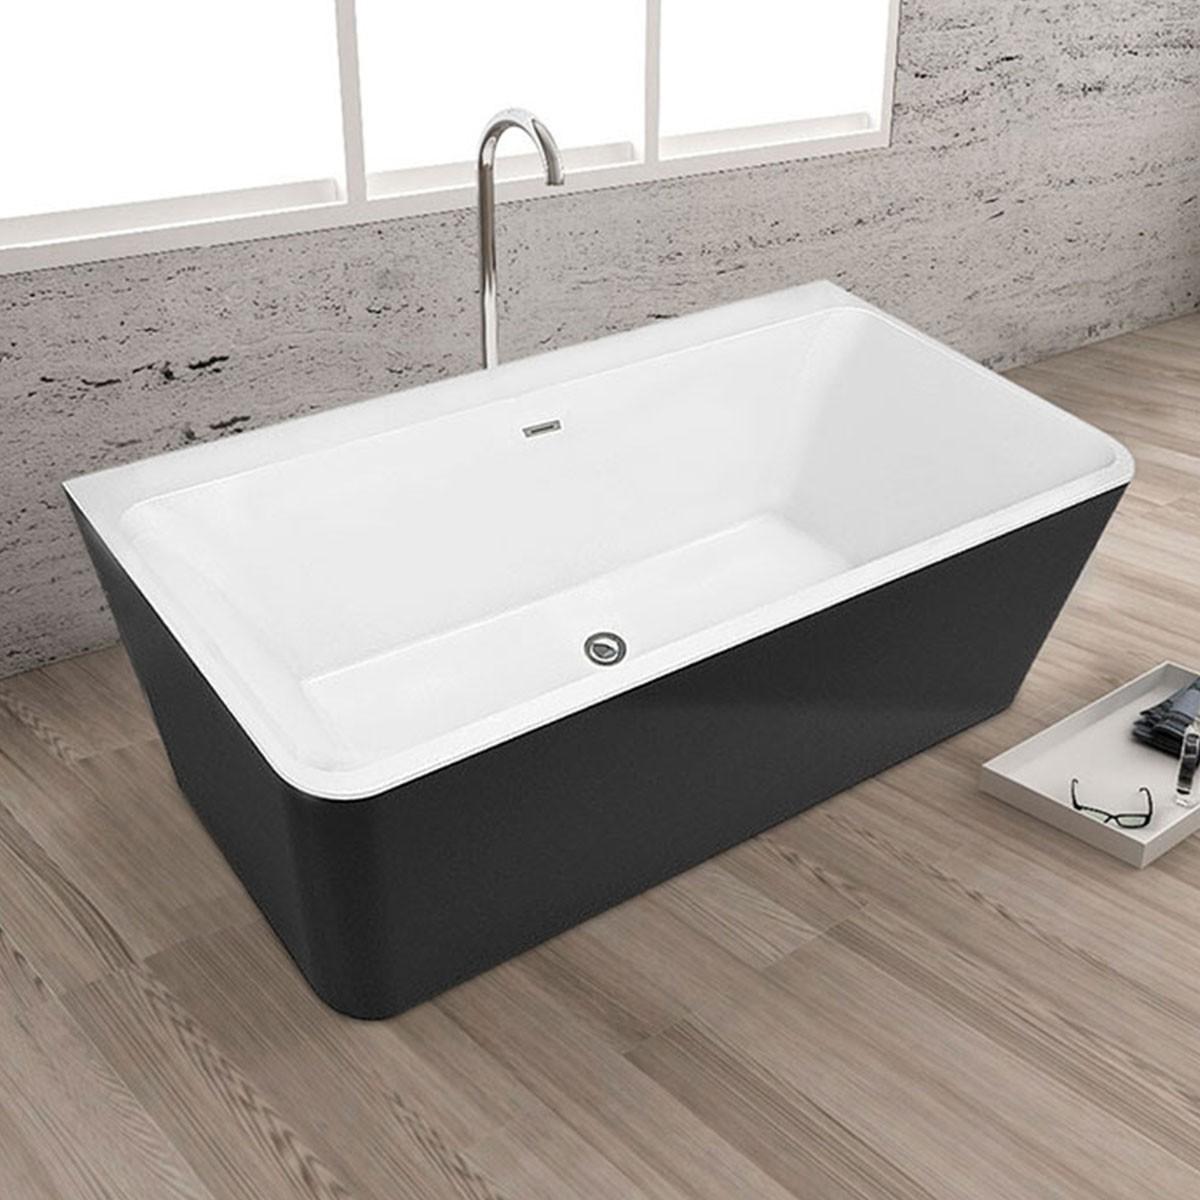 67 In Freestanding Bathtub - Acrylic Black (DK-SLD-YG872B)